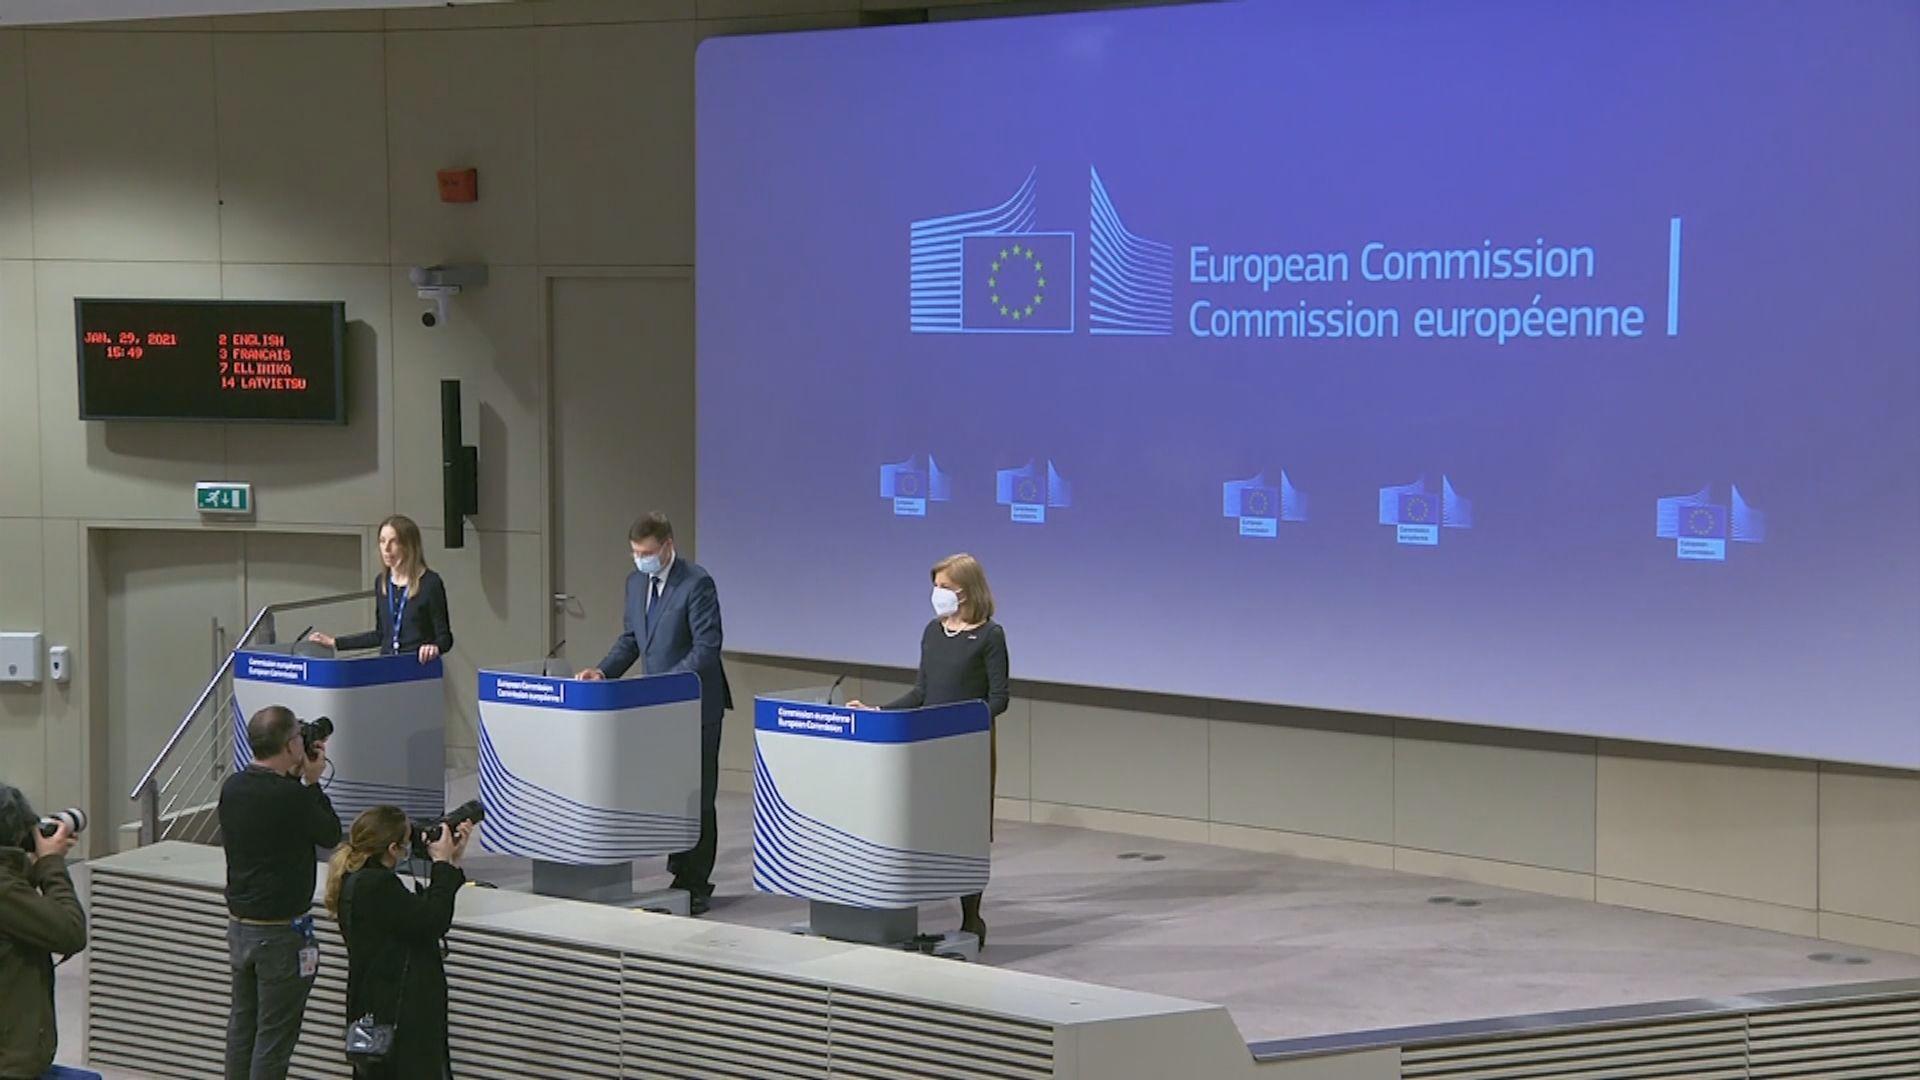 歐盟實施新冠疫苗出口管制 世衛批拖慢全球抗疫進程